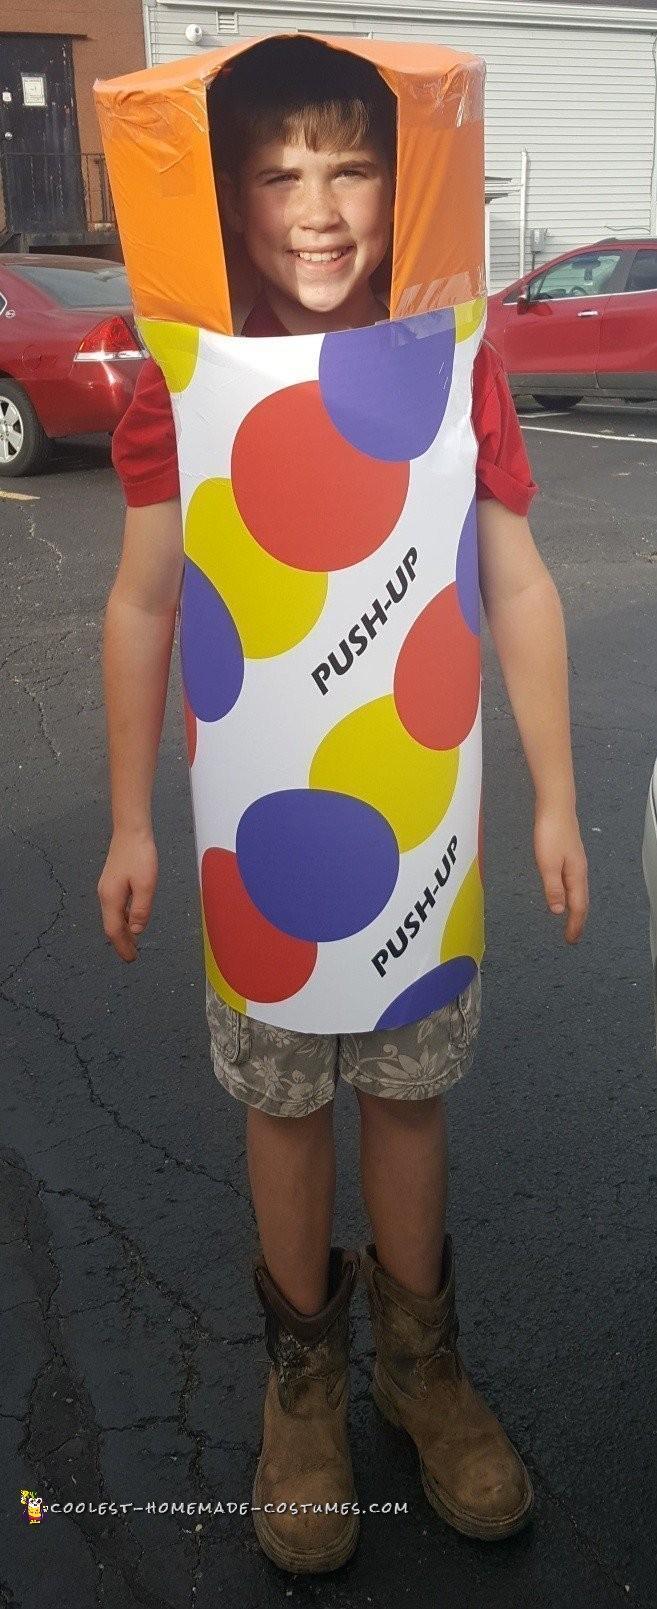 Unique Ice Cream Push-Up Costume!